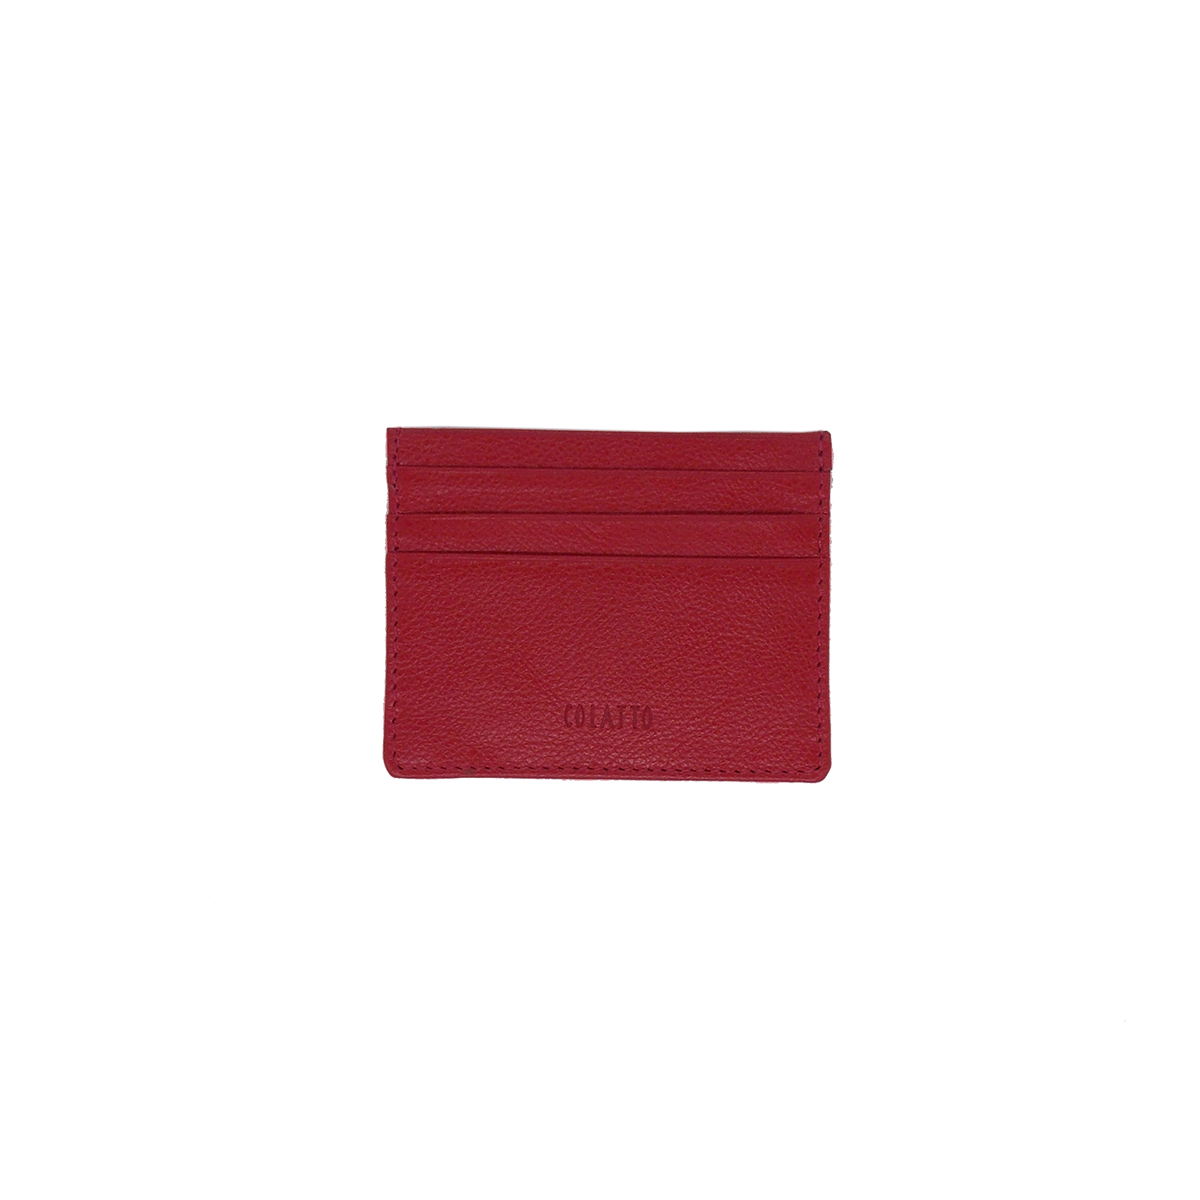 Carteira Porta Cartão de Crédito de Couro Legitimo Pimenta